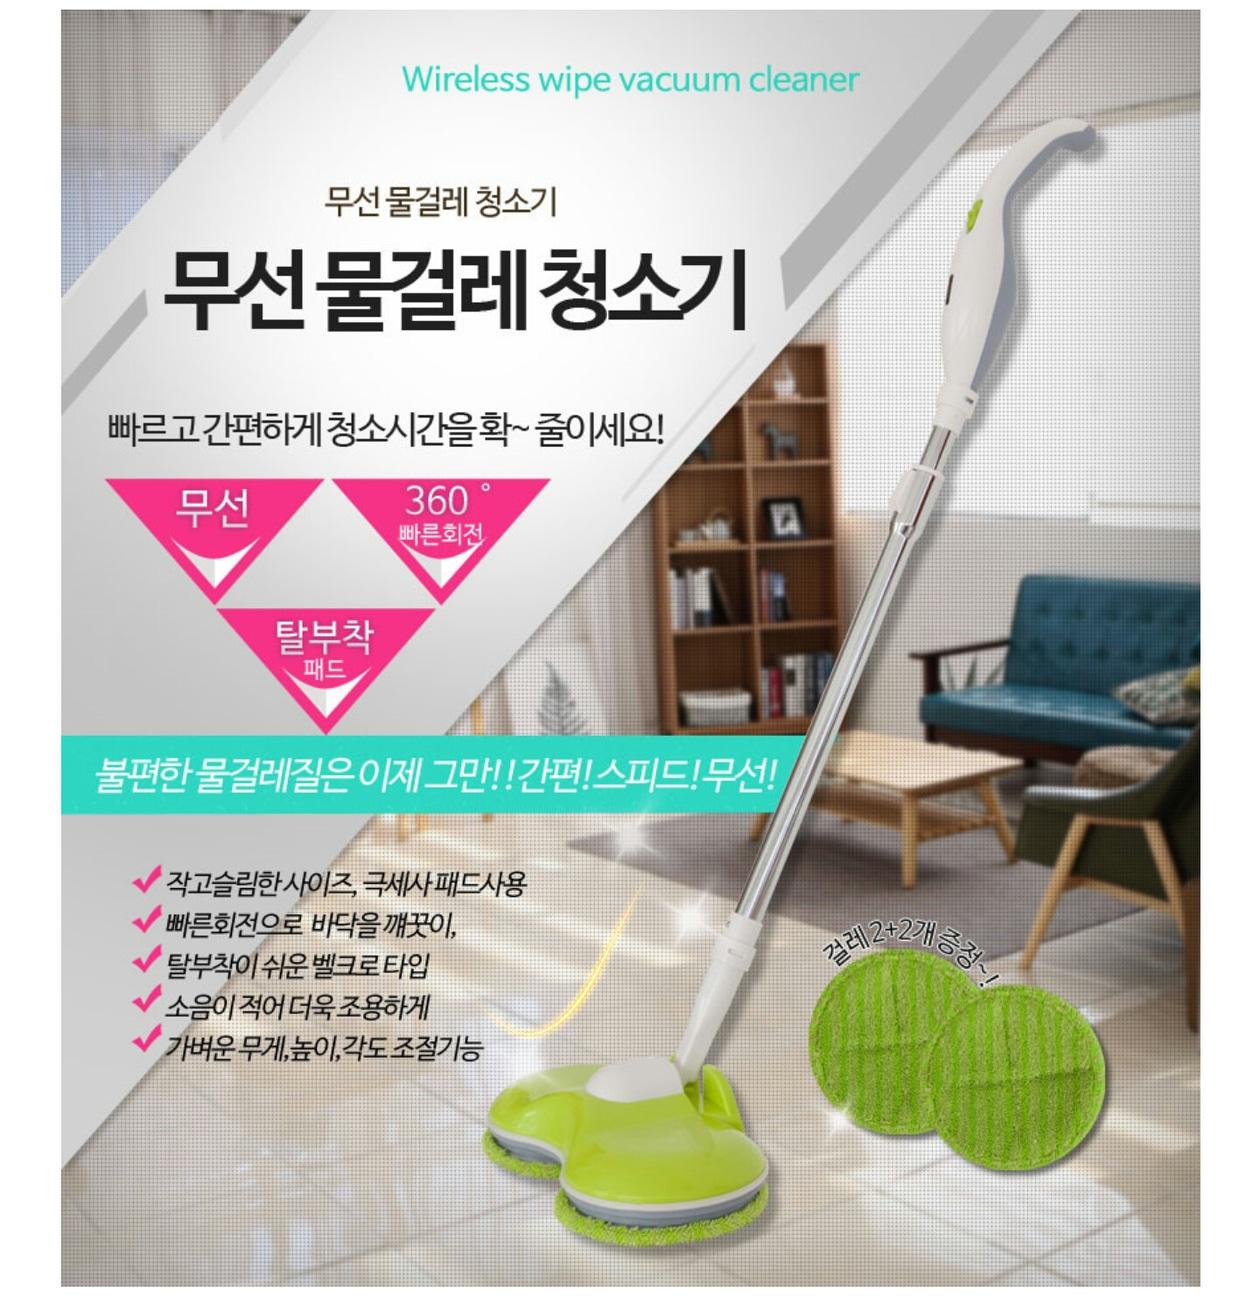 무선물걸레청소기/회전 물걸레청소기/물걸레청소기